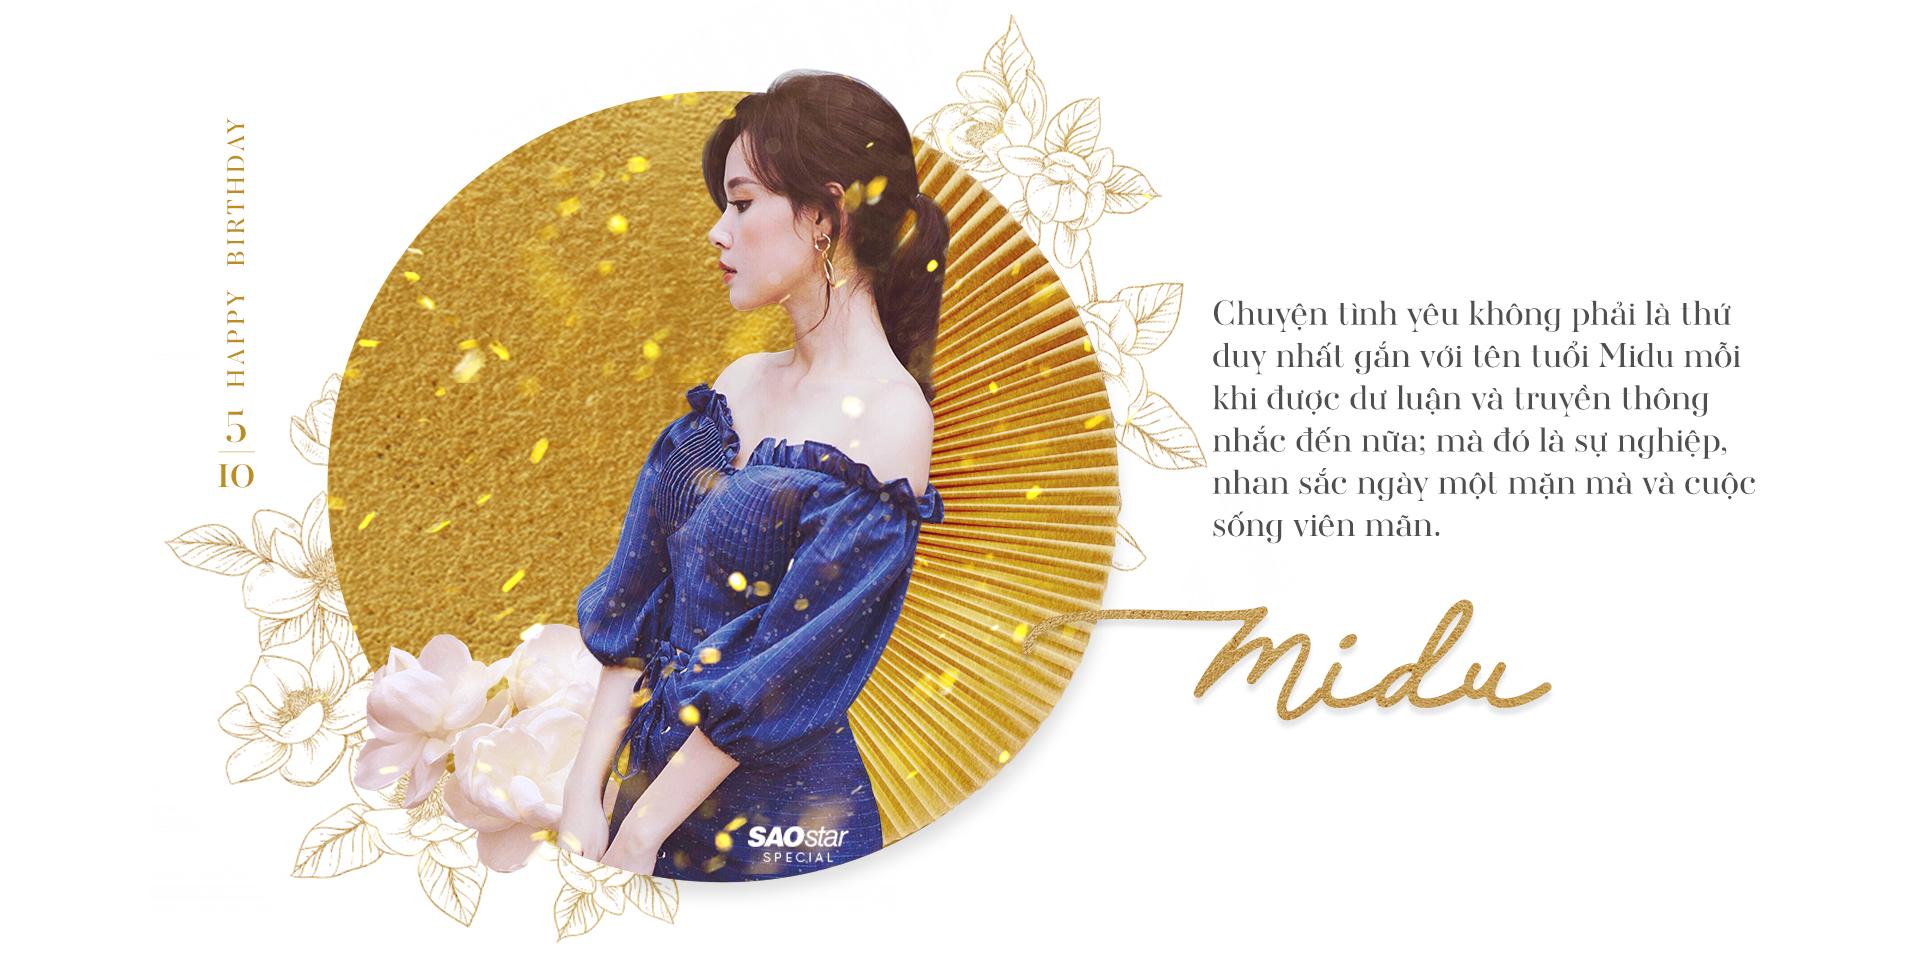 Midu: Công chúa kẹo ngọt của showbiz Việt từng bước trở thành nữ hoàng của riêng mình